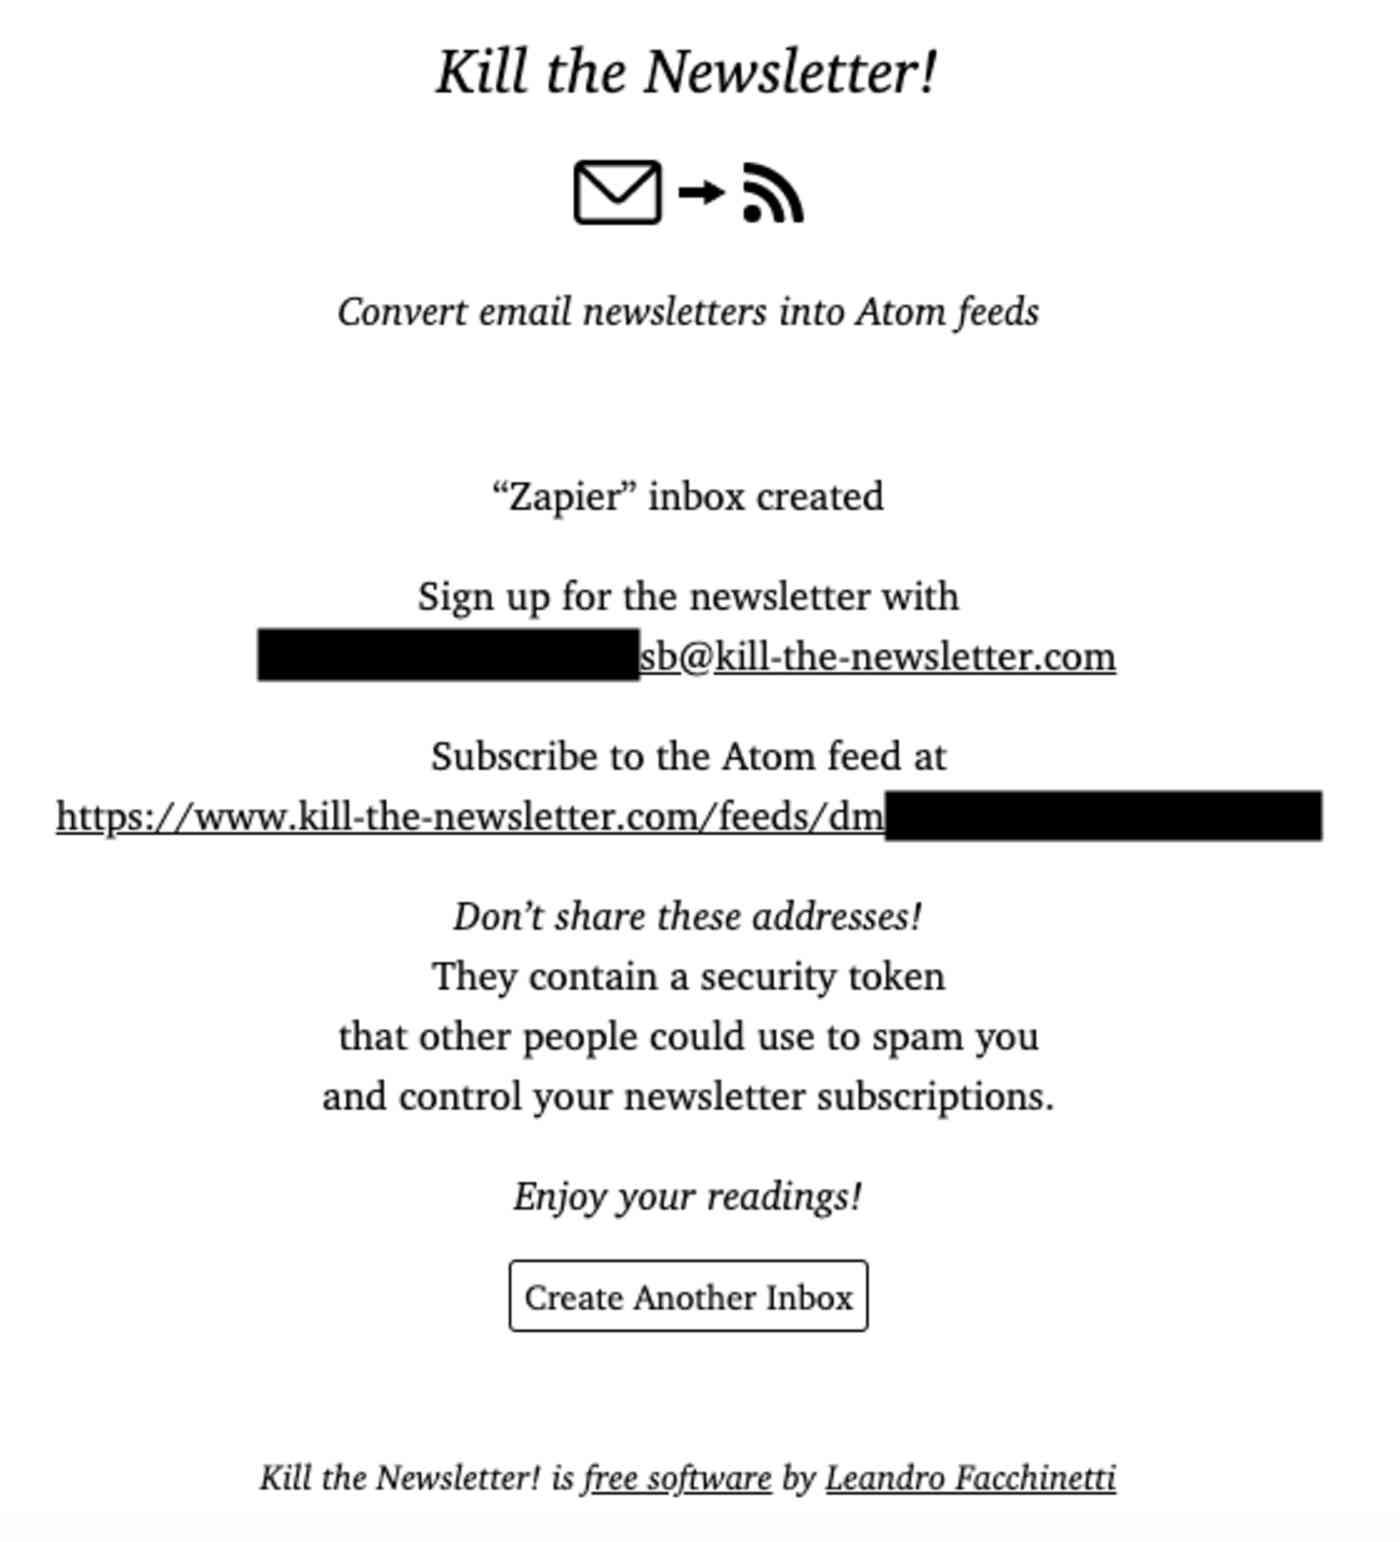 Kill the Newsletter